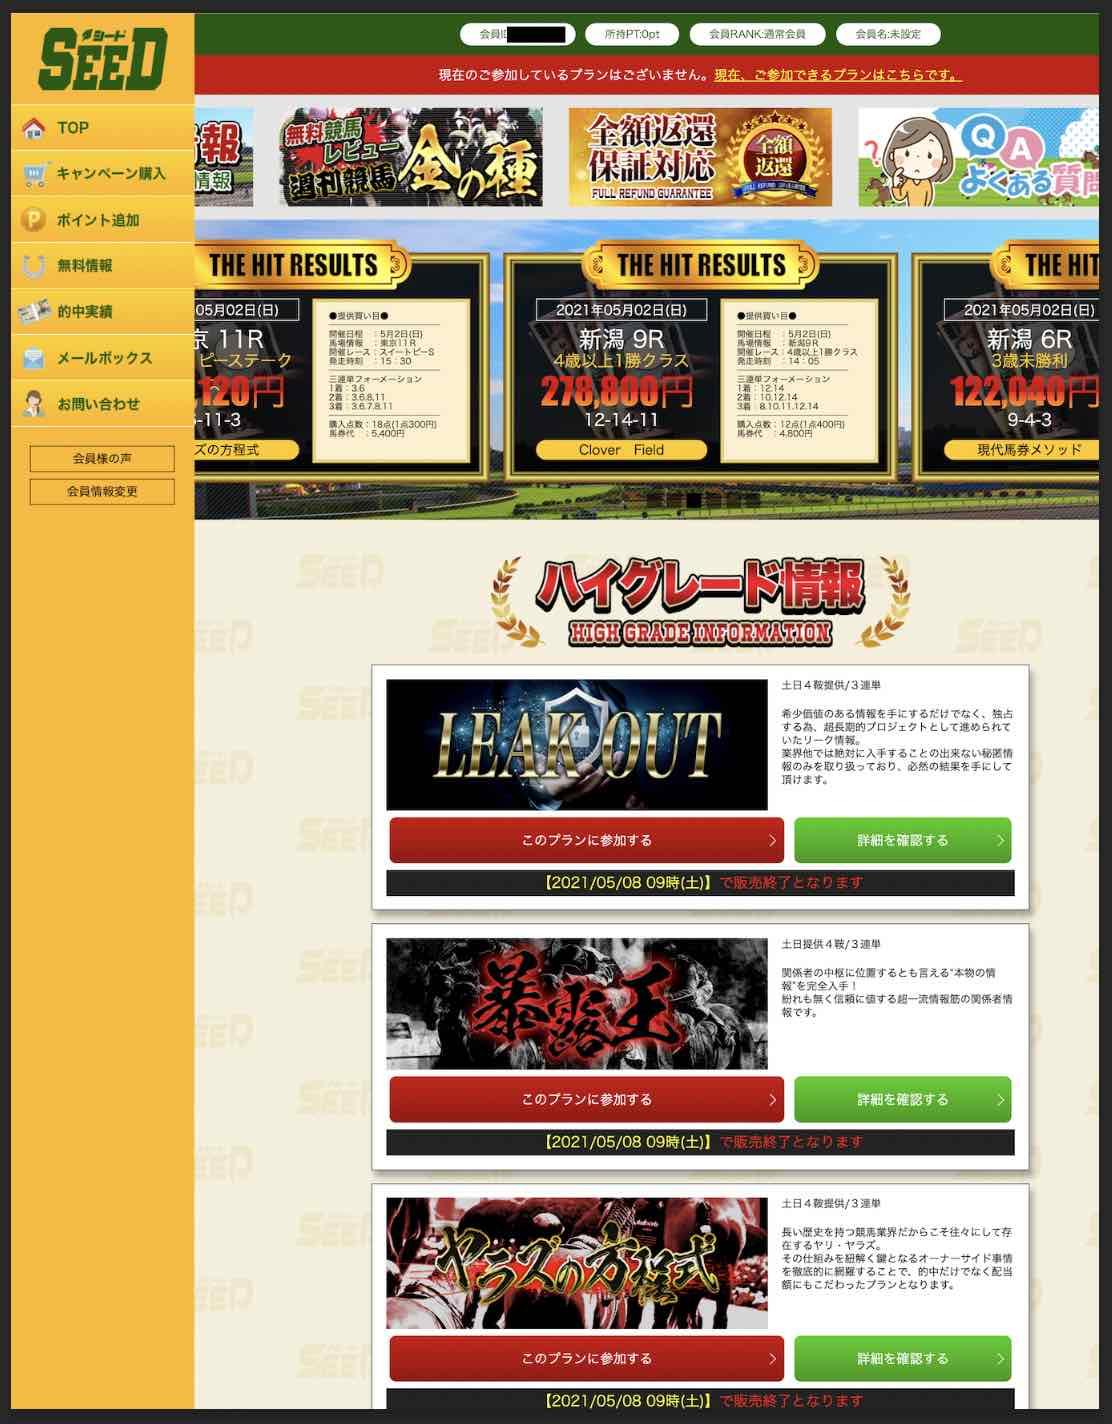 シード(SEED)という競馬予想サイトの会員ページ